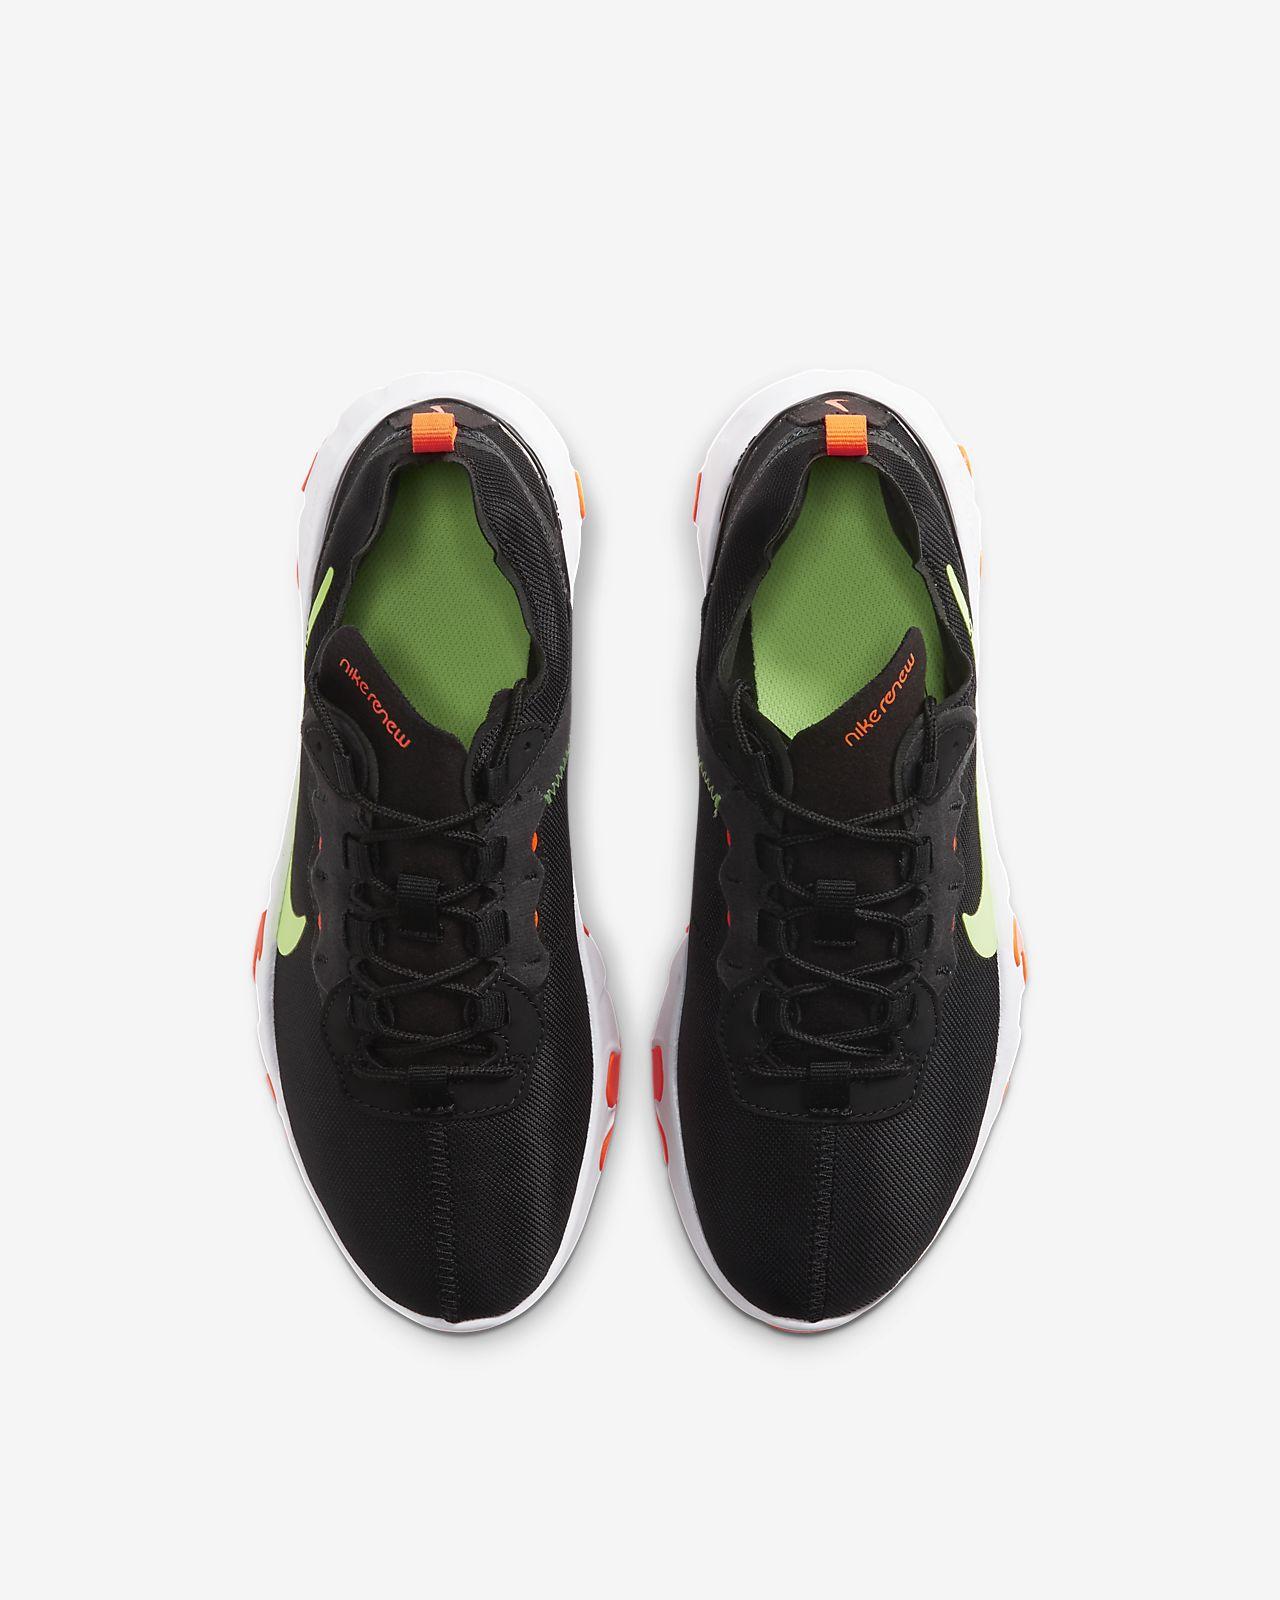 Sapatilhas Nike Renew 55 Júnior